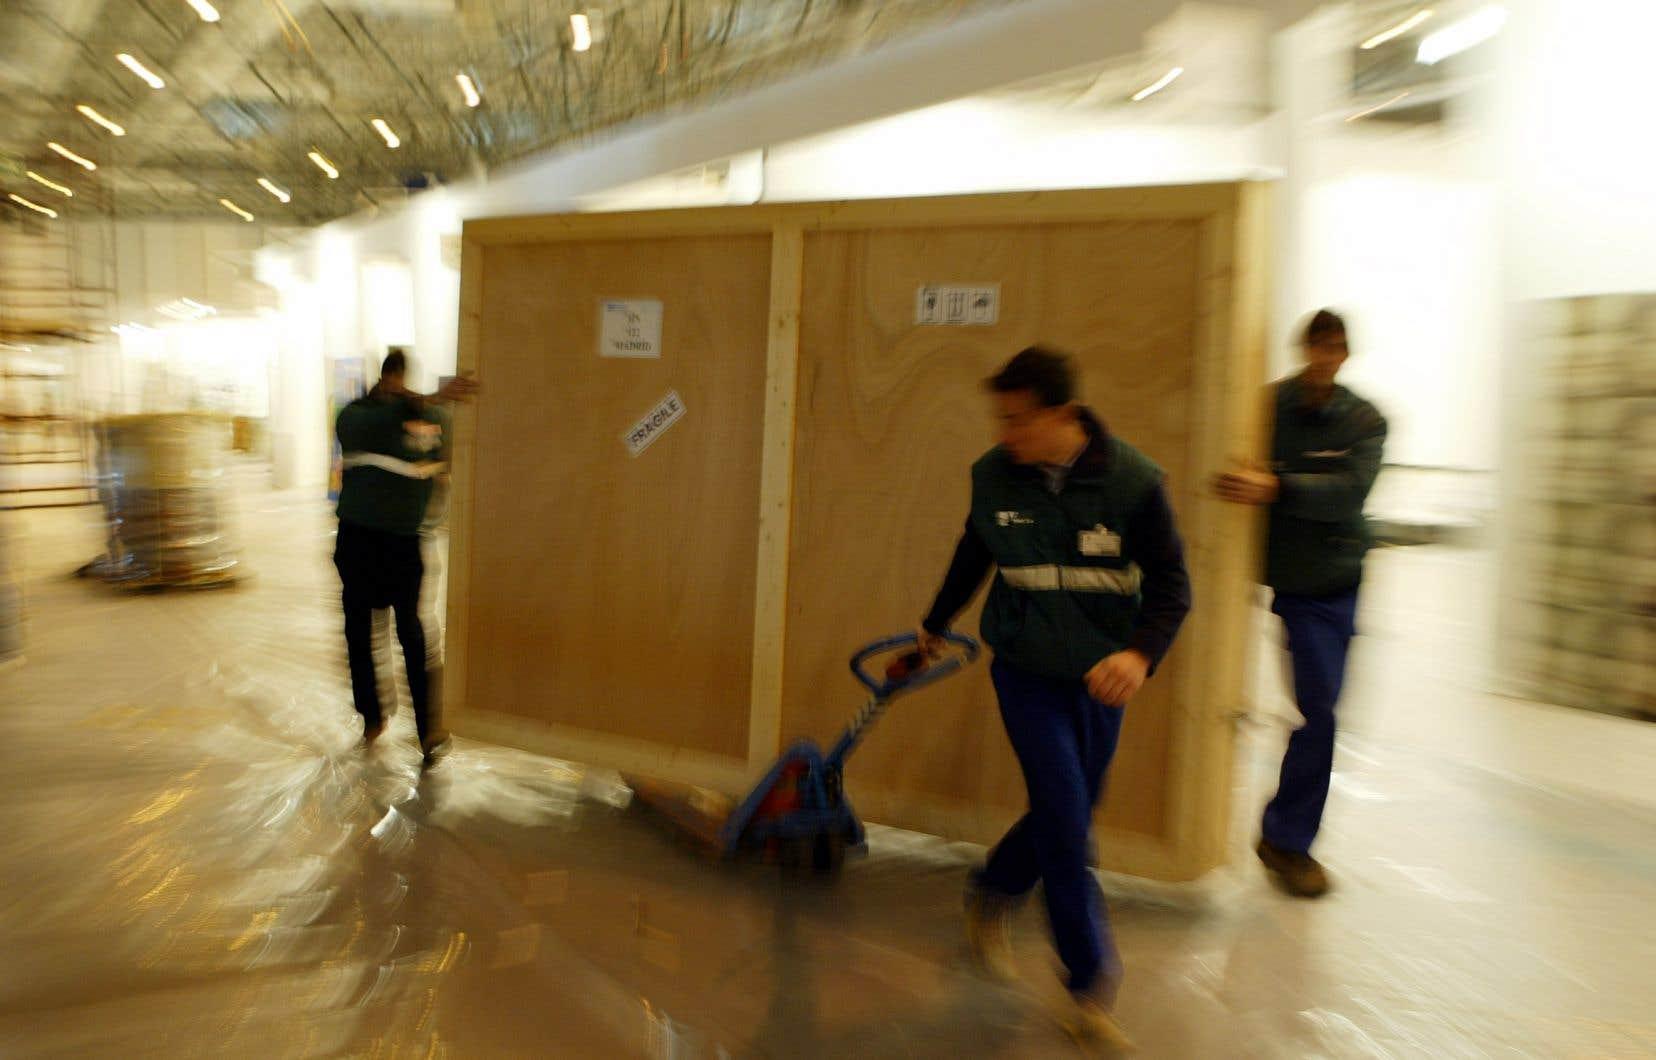 «Les musées canadiens font face à un blocage qui les empêche d'acquérir des oeuvres majeures», affirme les auteurs.